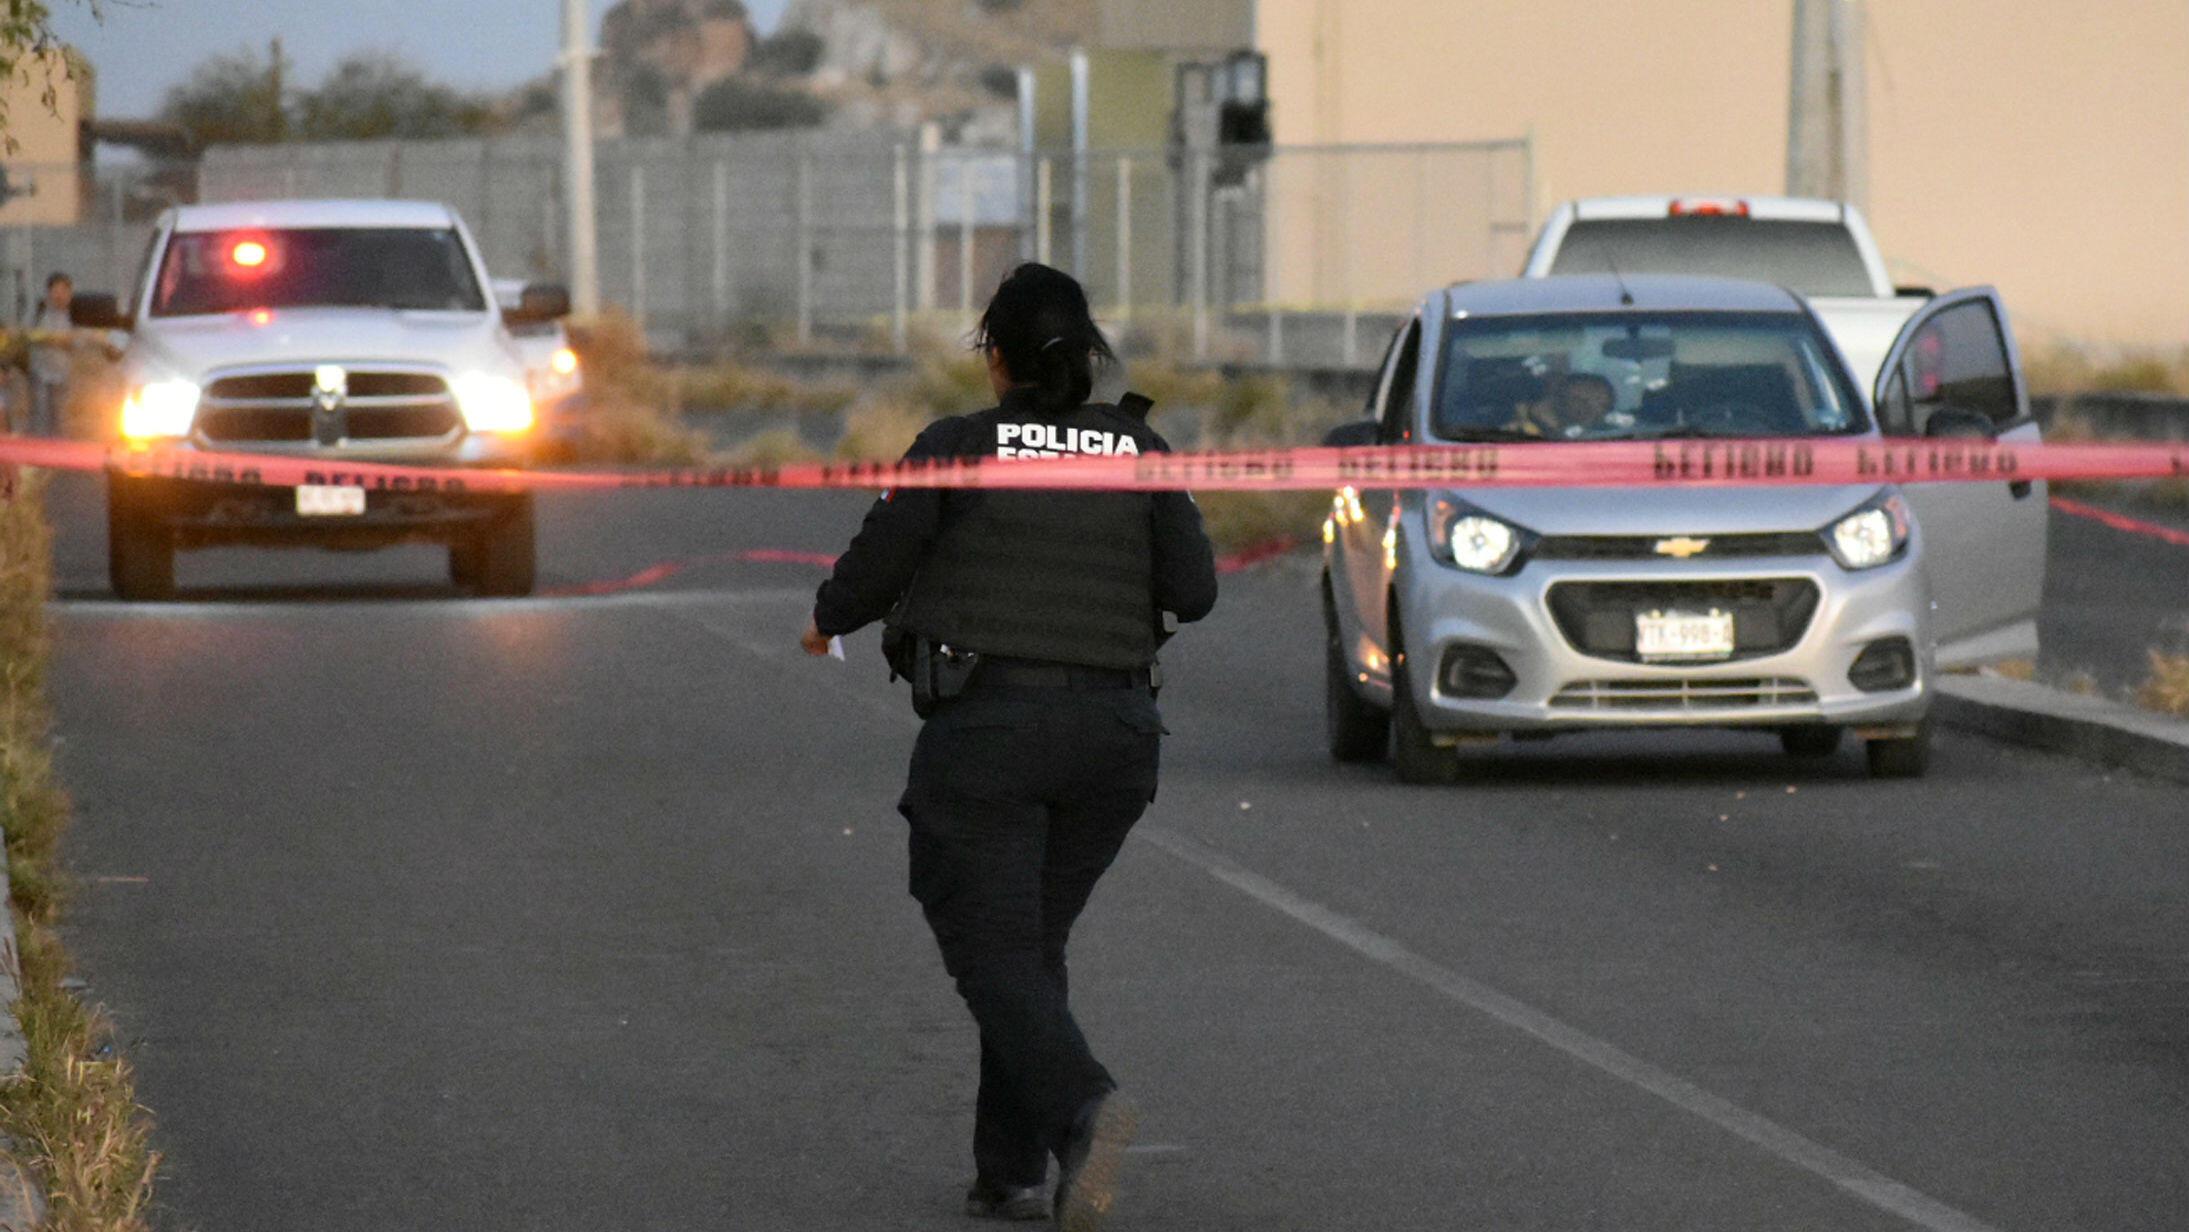 Un oficial de la policía camina en la escena del crimen del locutor mexicano Reynaldo López en Hermosillo, México, el 16 de febrero de 2019.